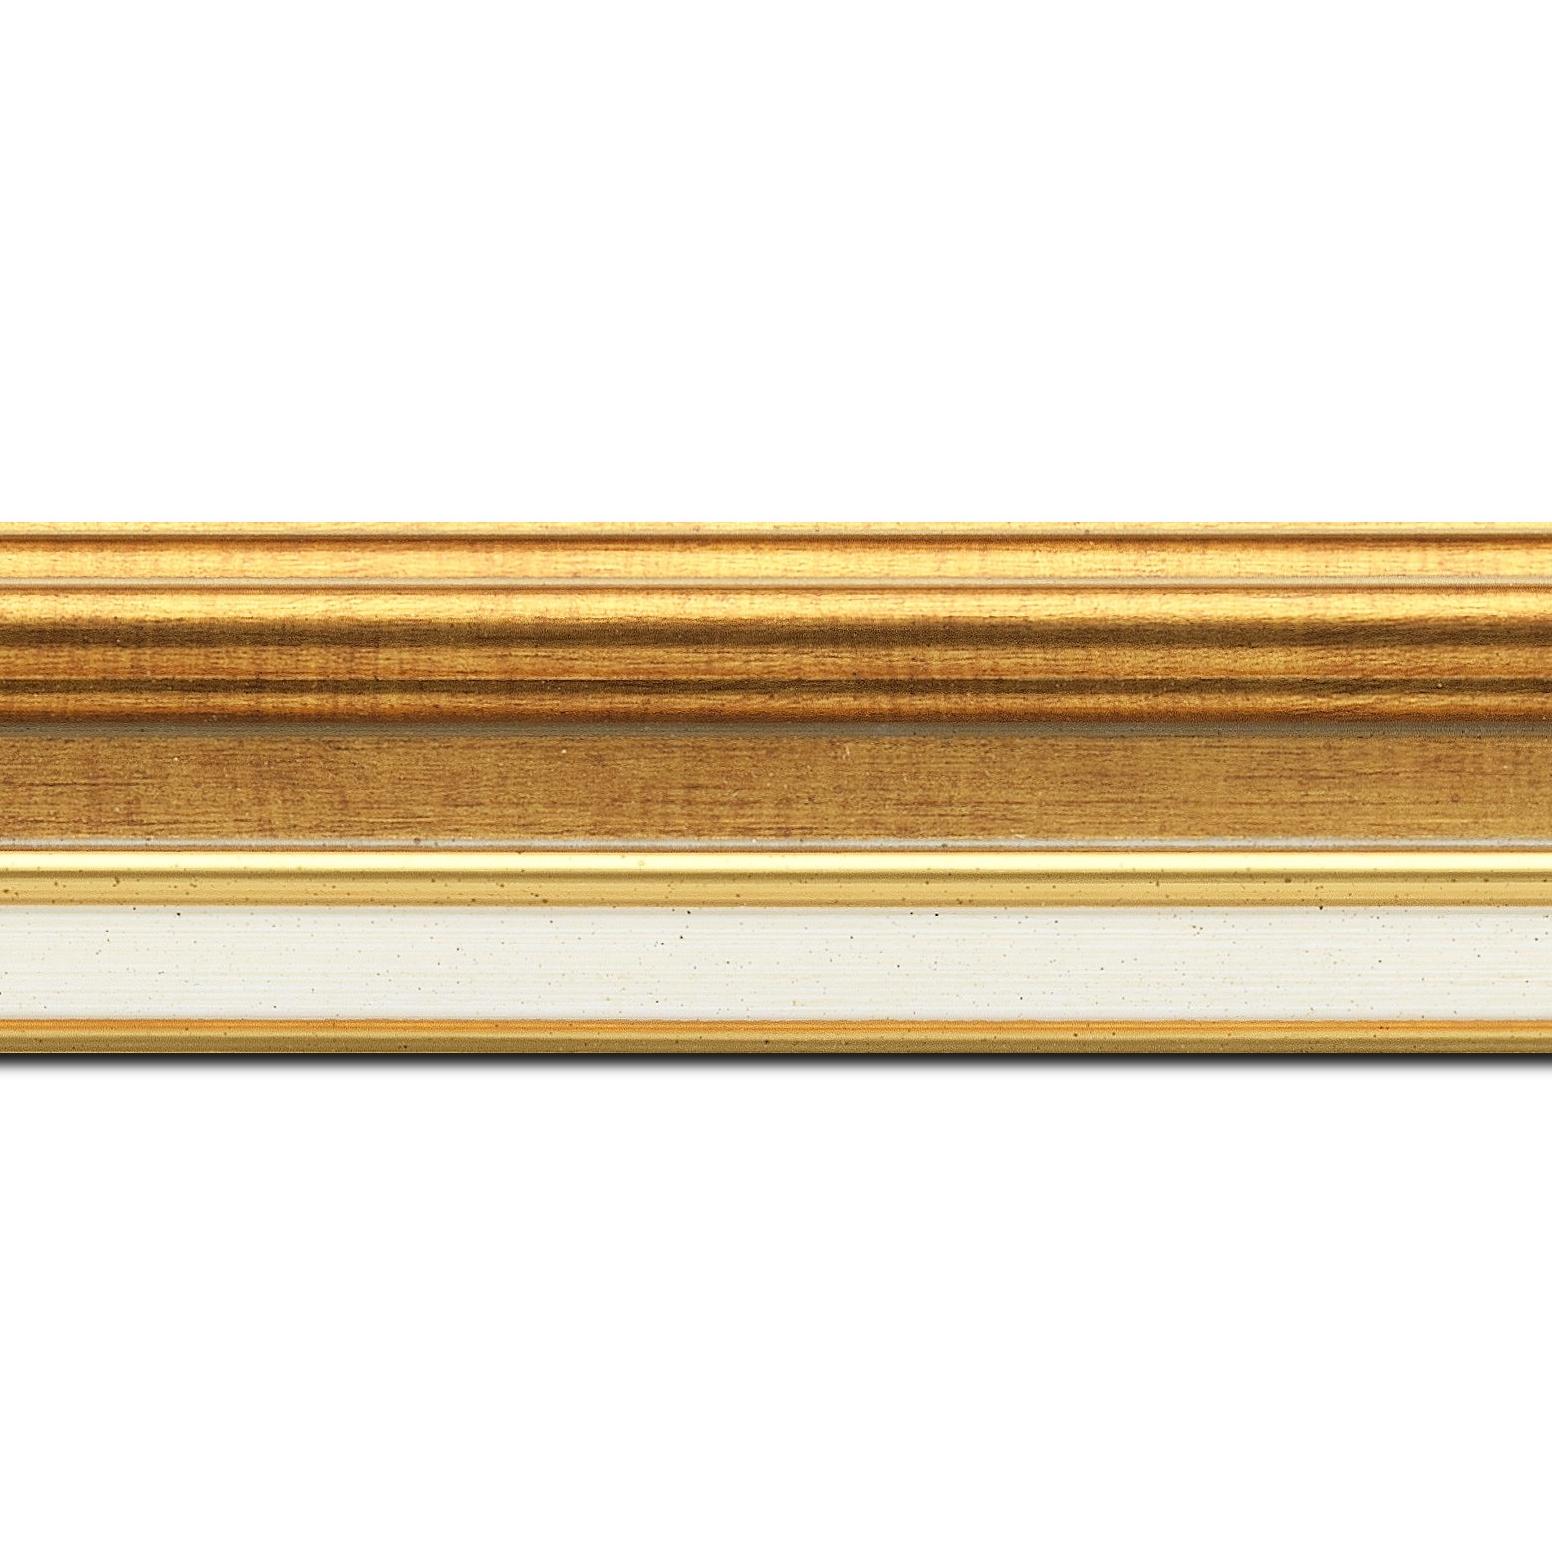 Baguette longueur 1.40m bois largeur 5.2cm or gorge or  marie louise crème filet or intégrée